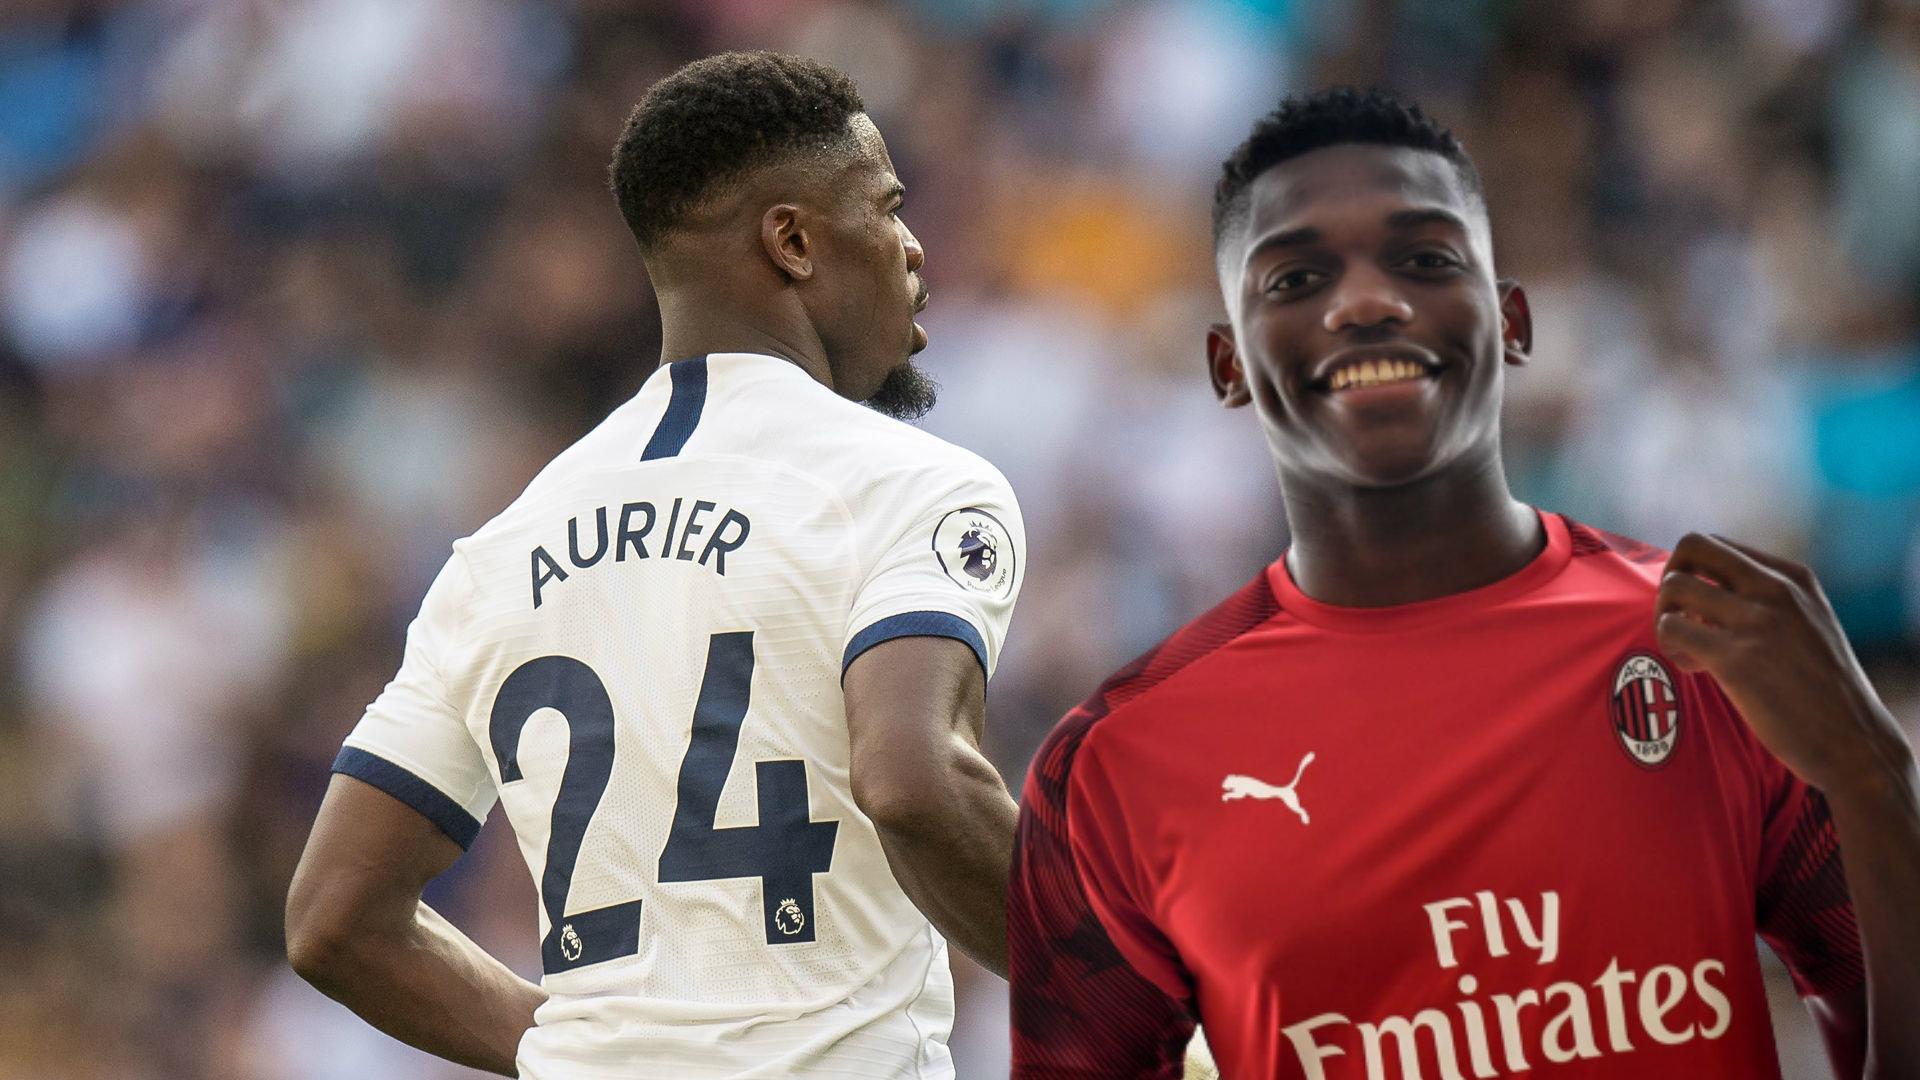 """Aurier thotë """"po"""", Milanin e shqetëson Juventusi për një talent"""